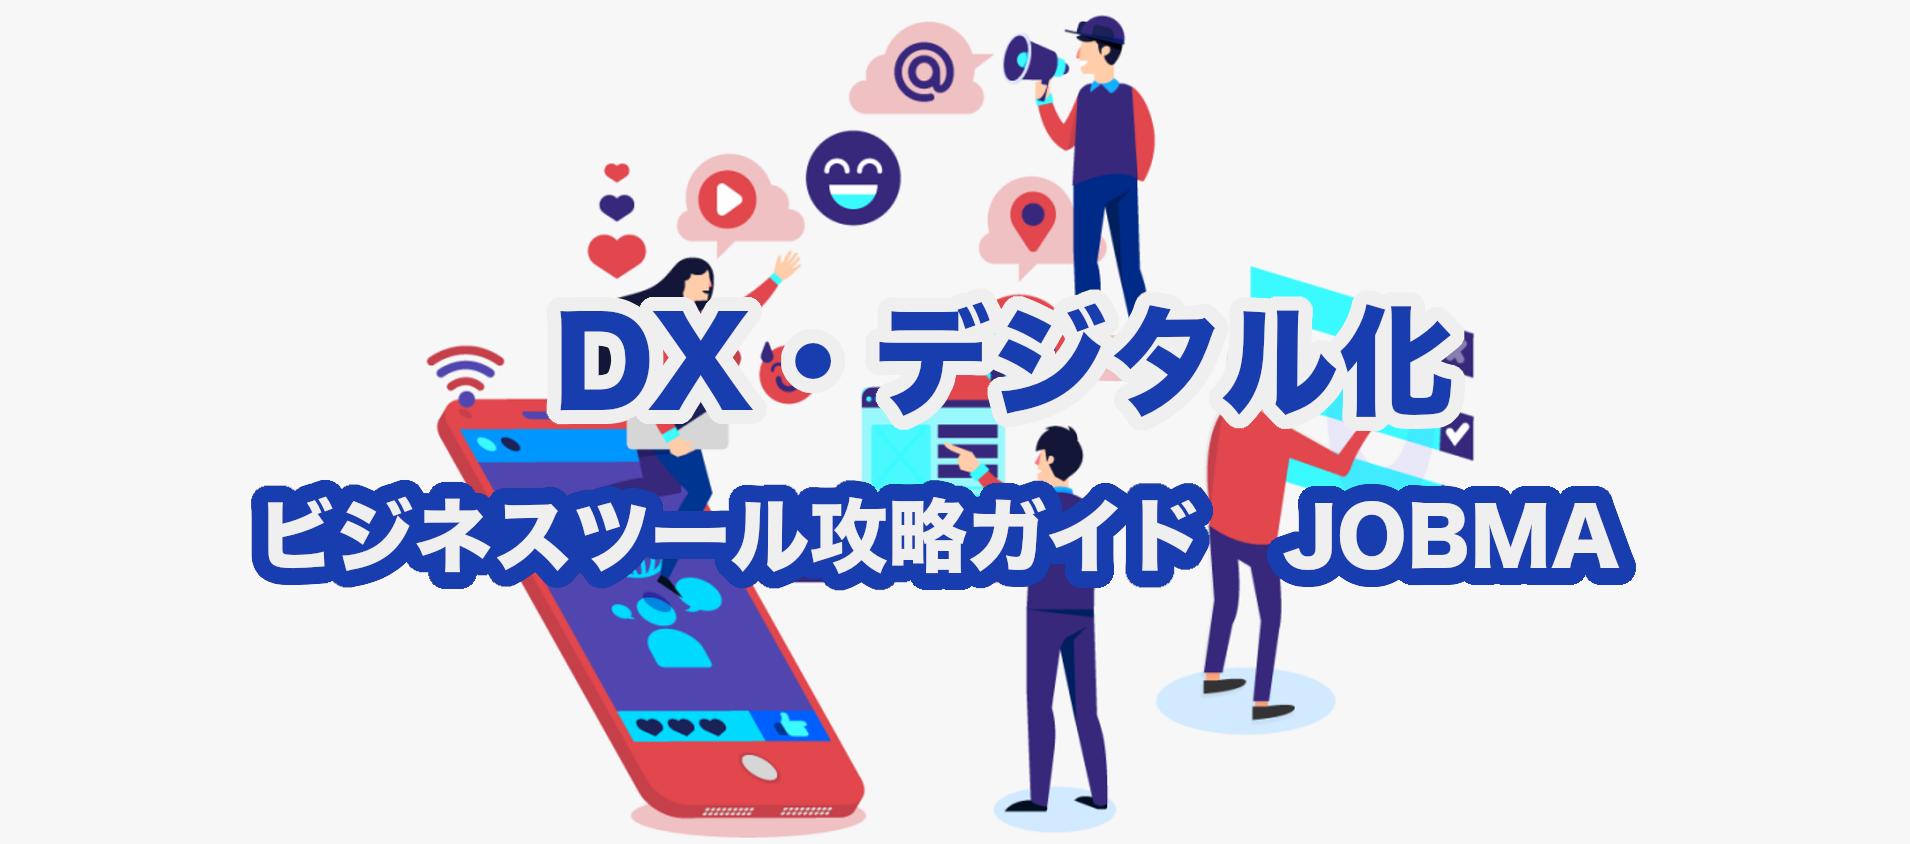 デジタル化・デジタルトランスフォーメーション(DX)ビジネスツールならジョブマ